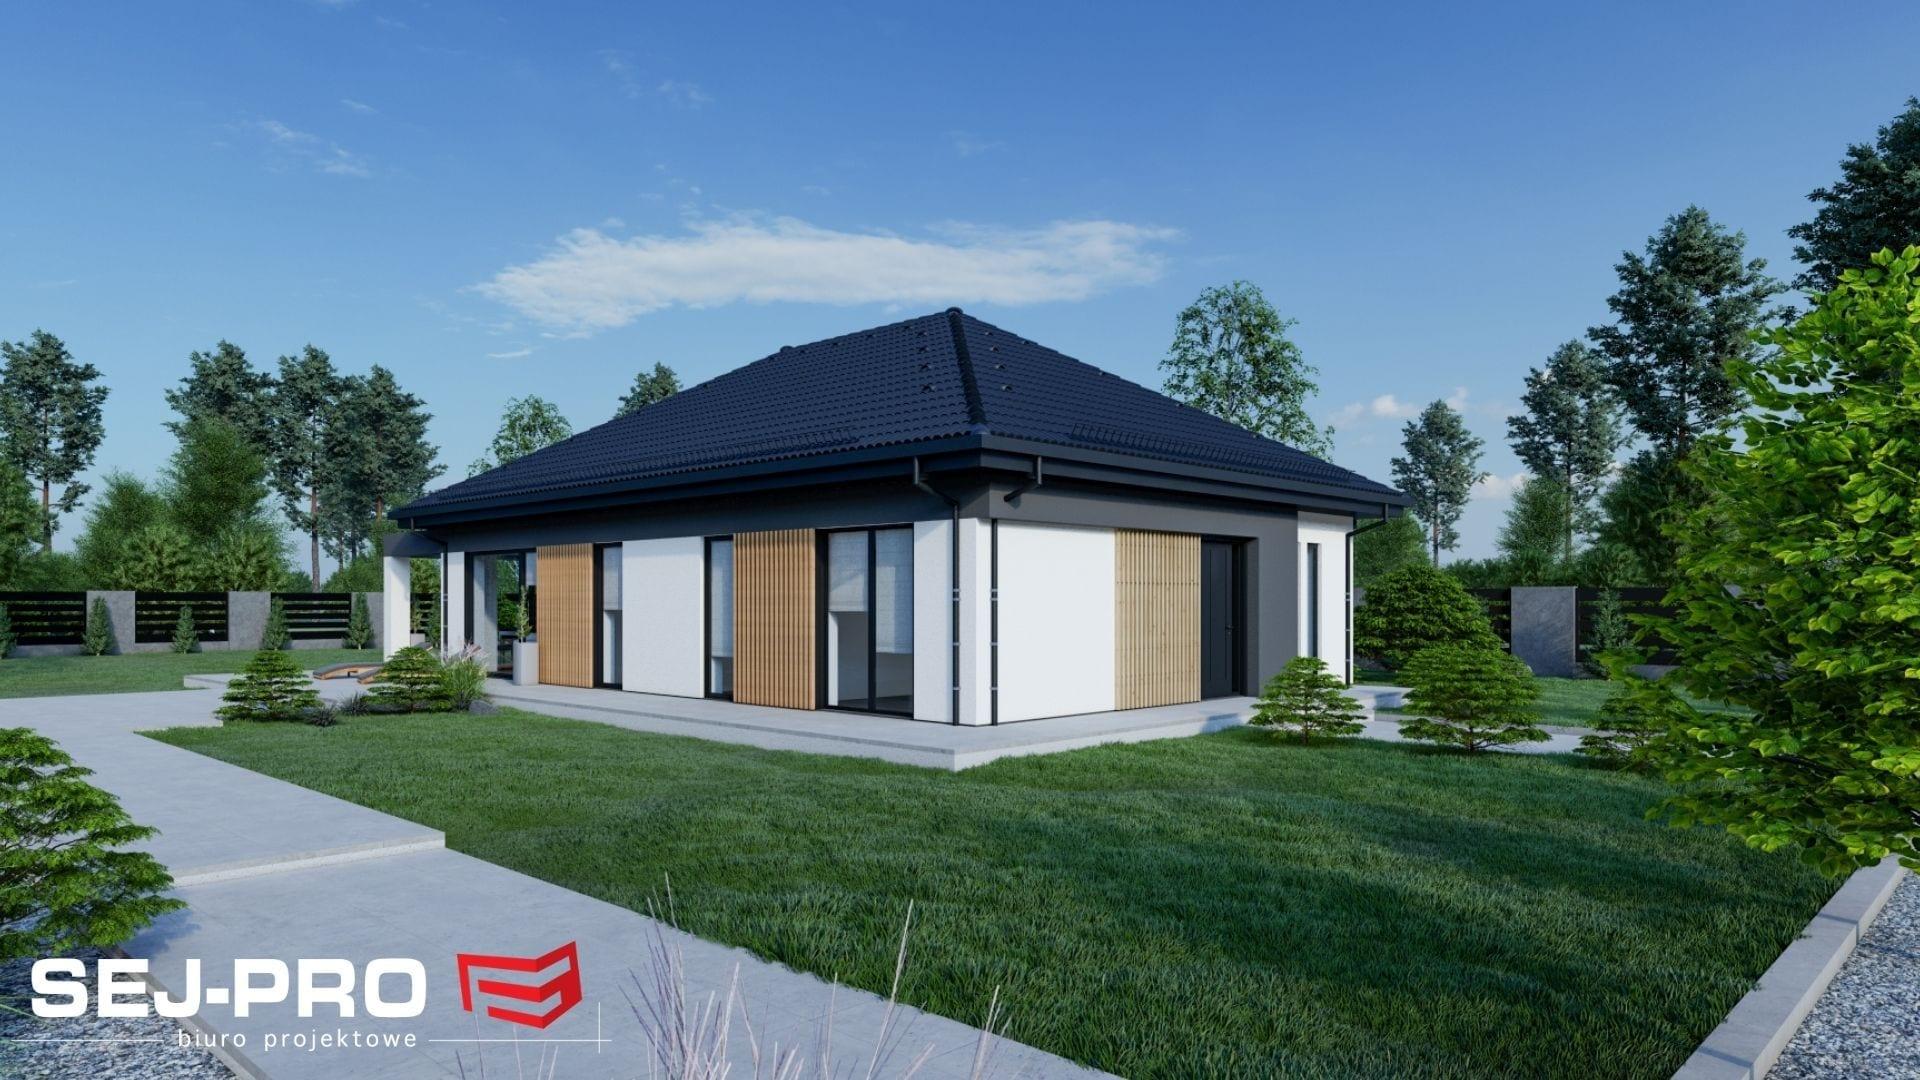 Projekt domu SEJ-PRO 051 ENERGO